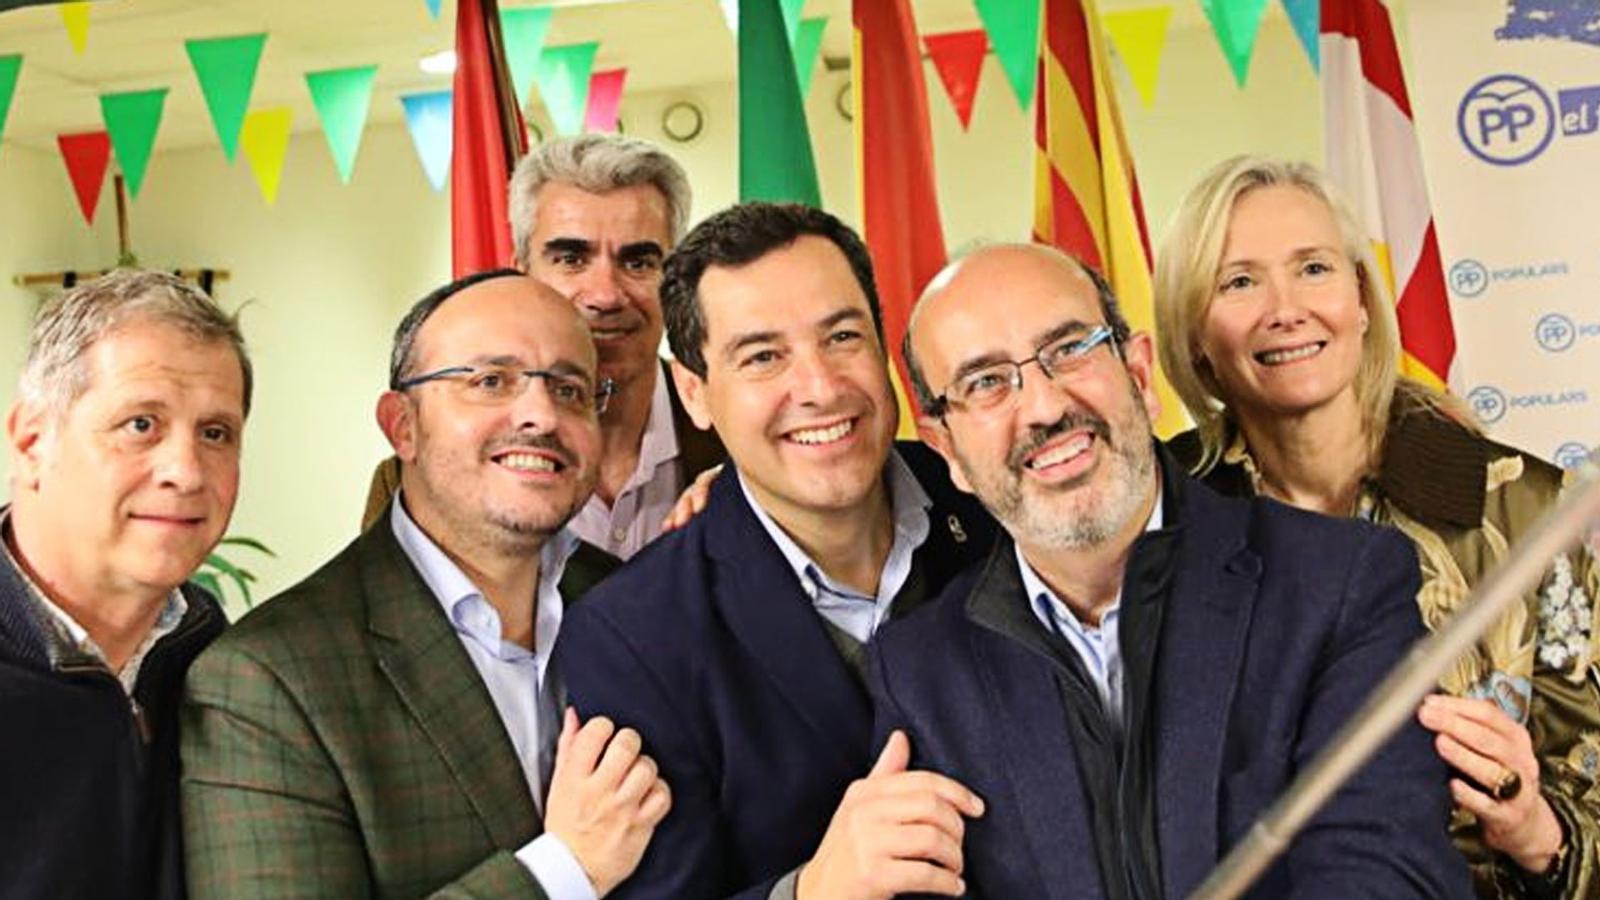 L'anàlisi d'Antoni Bassas: 'La provocació barata del president d'Andalusia'